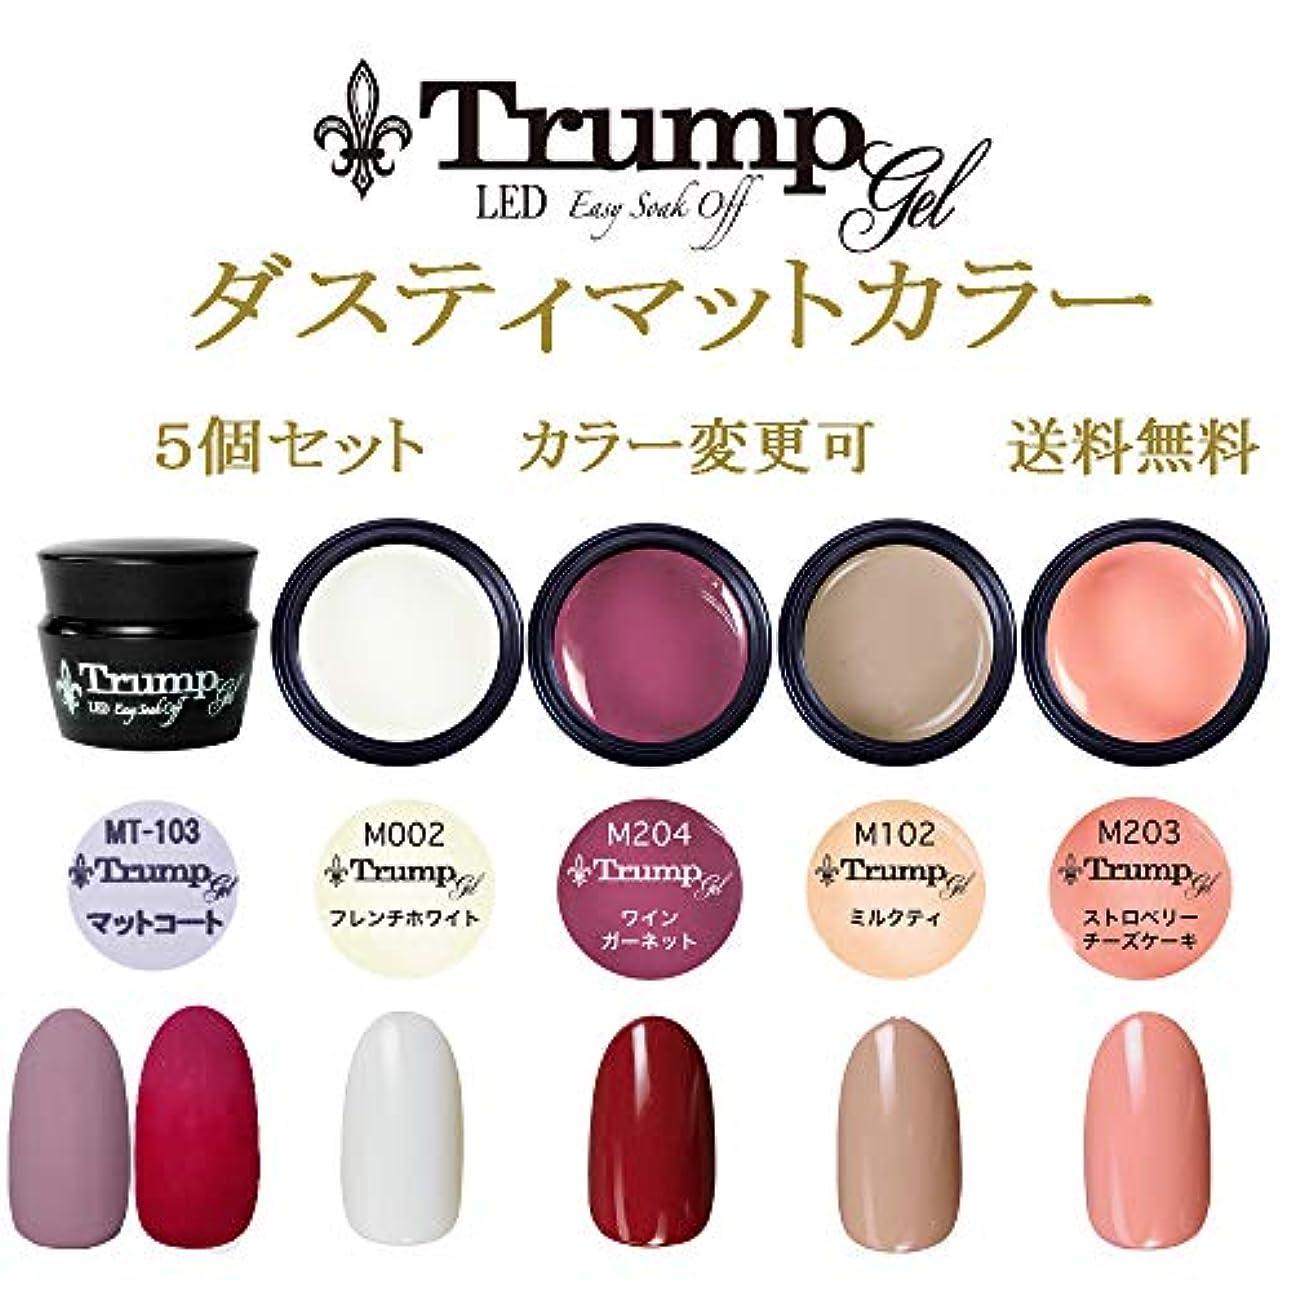 融合トラフ隣人【送料無料】日本製 Trump gel トランプジェル ダスティマット カラージェル 5個セット 魅惑のフロストマットトップとマットに合う人気カラーをチョイス